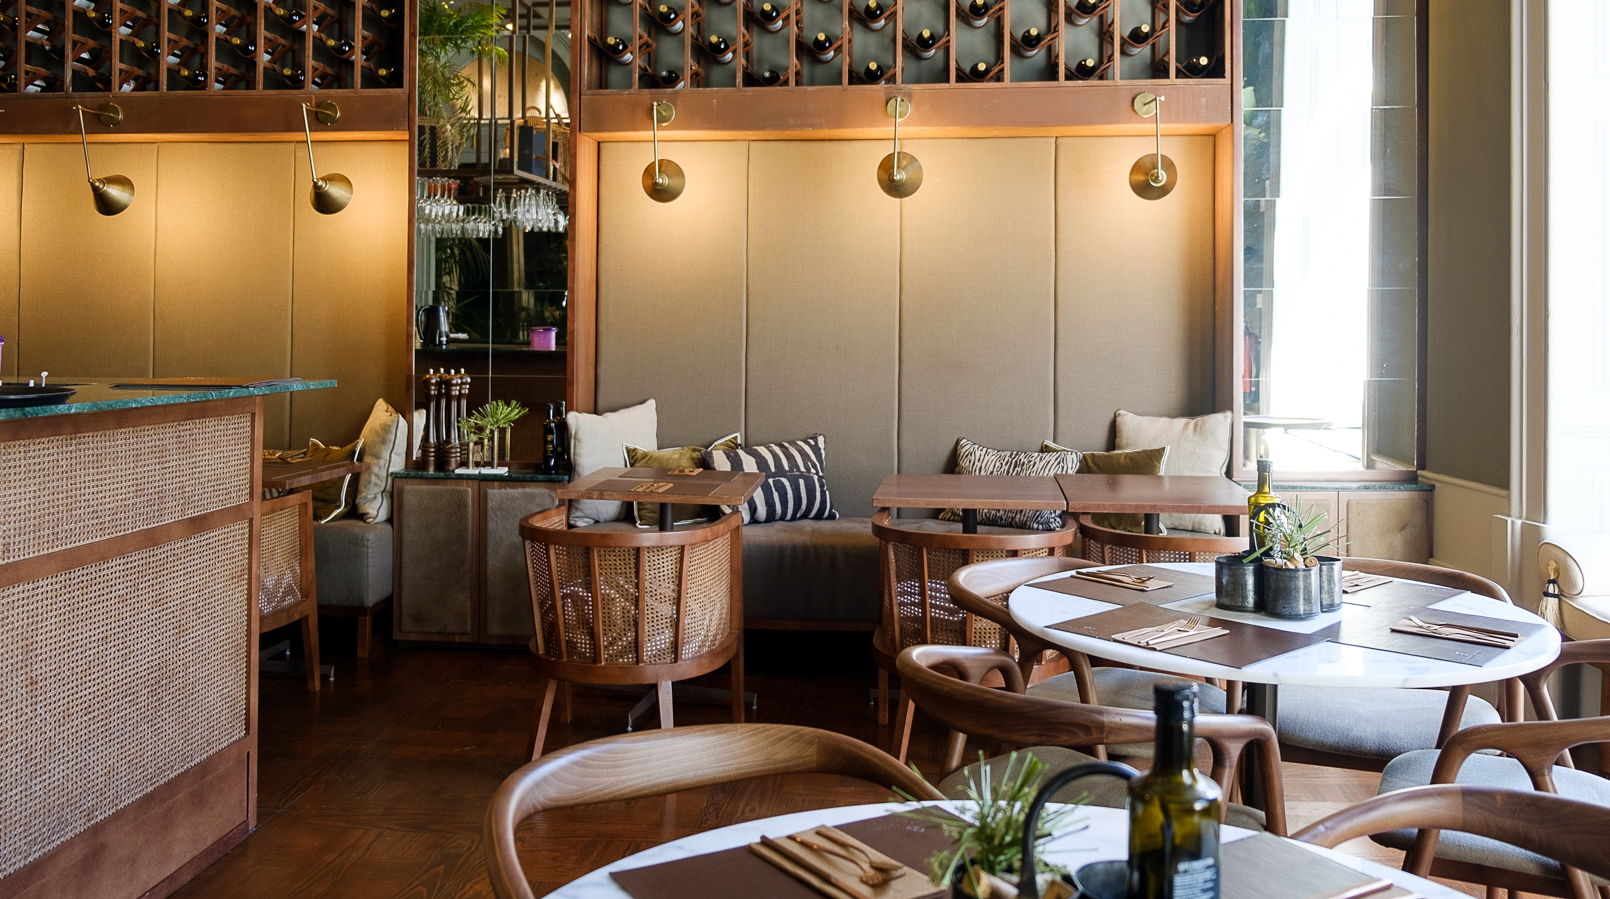 Le Fashionaire Bartolomeu Bistro & Wine: Há um novo endereço incrível no Porto bartolomeu wine bistro torel restaurante mesas marmore 8802F PT